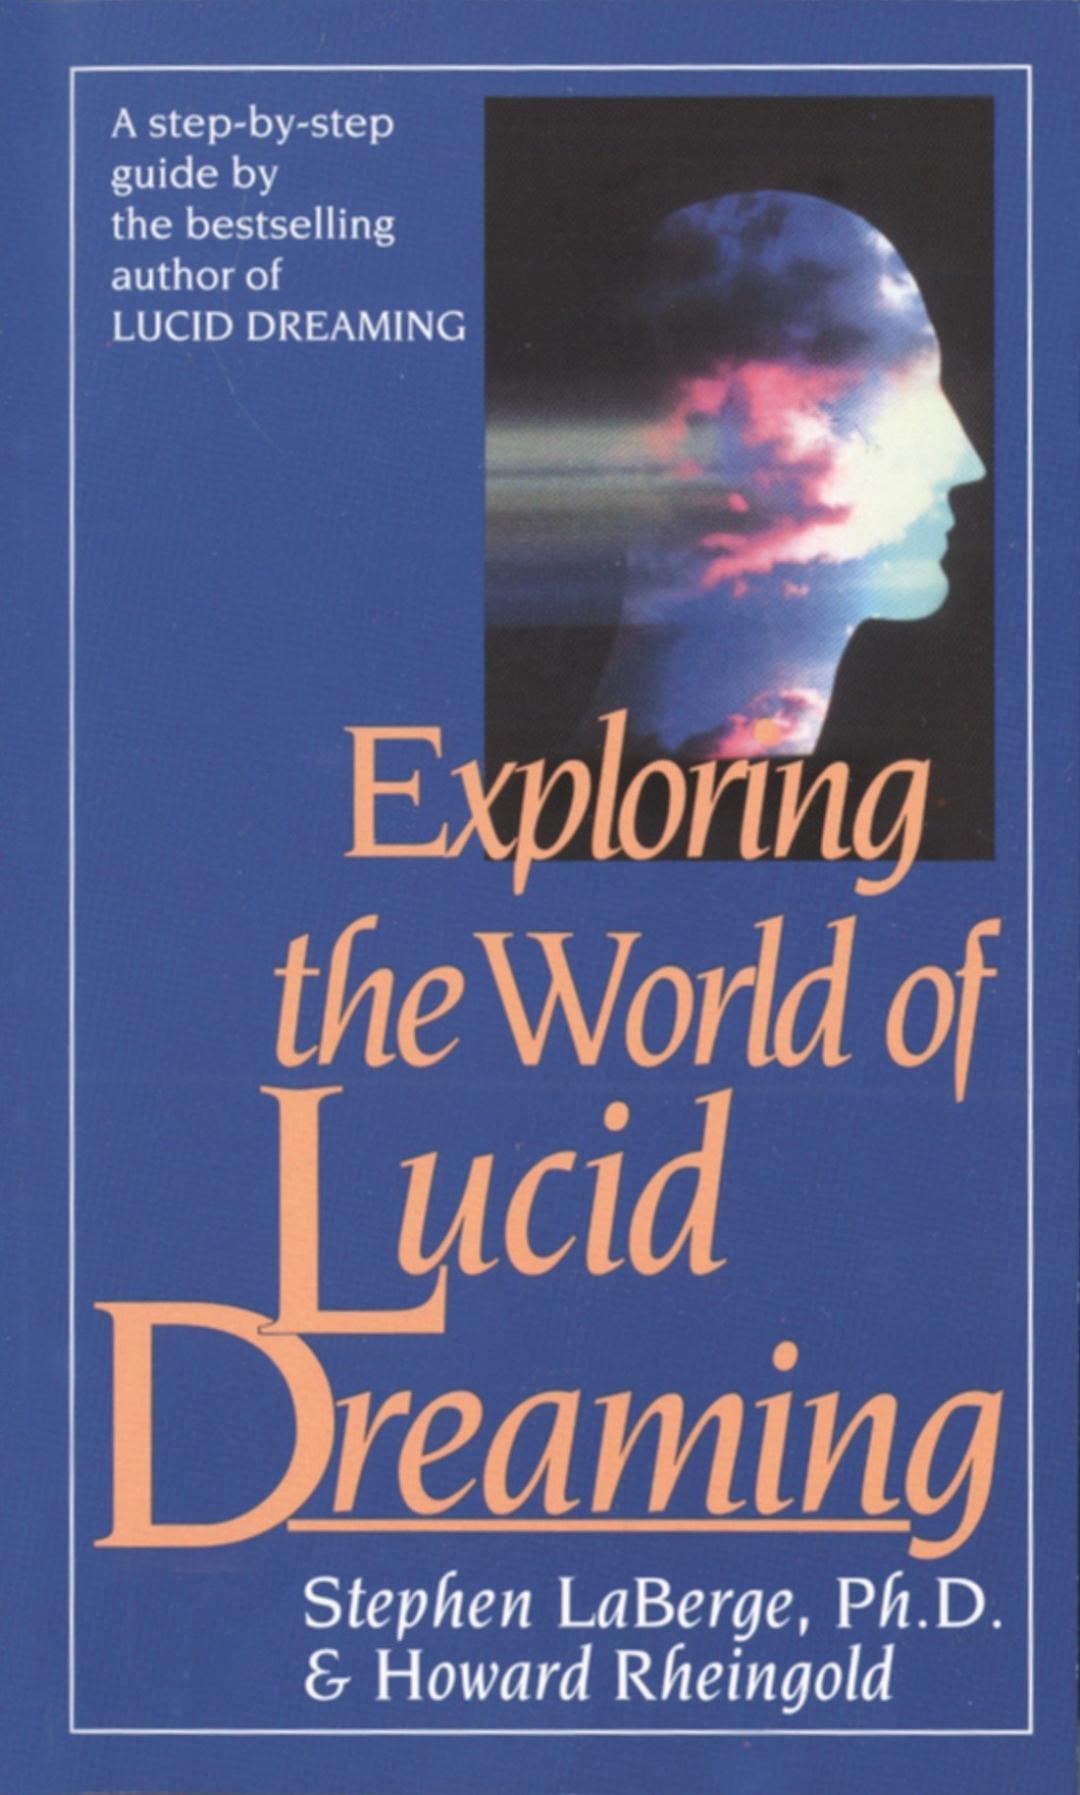 Stephen LaBerge关于清明梦的著作